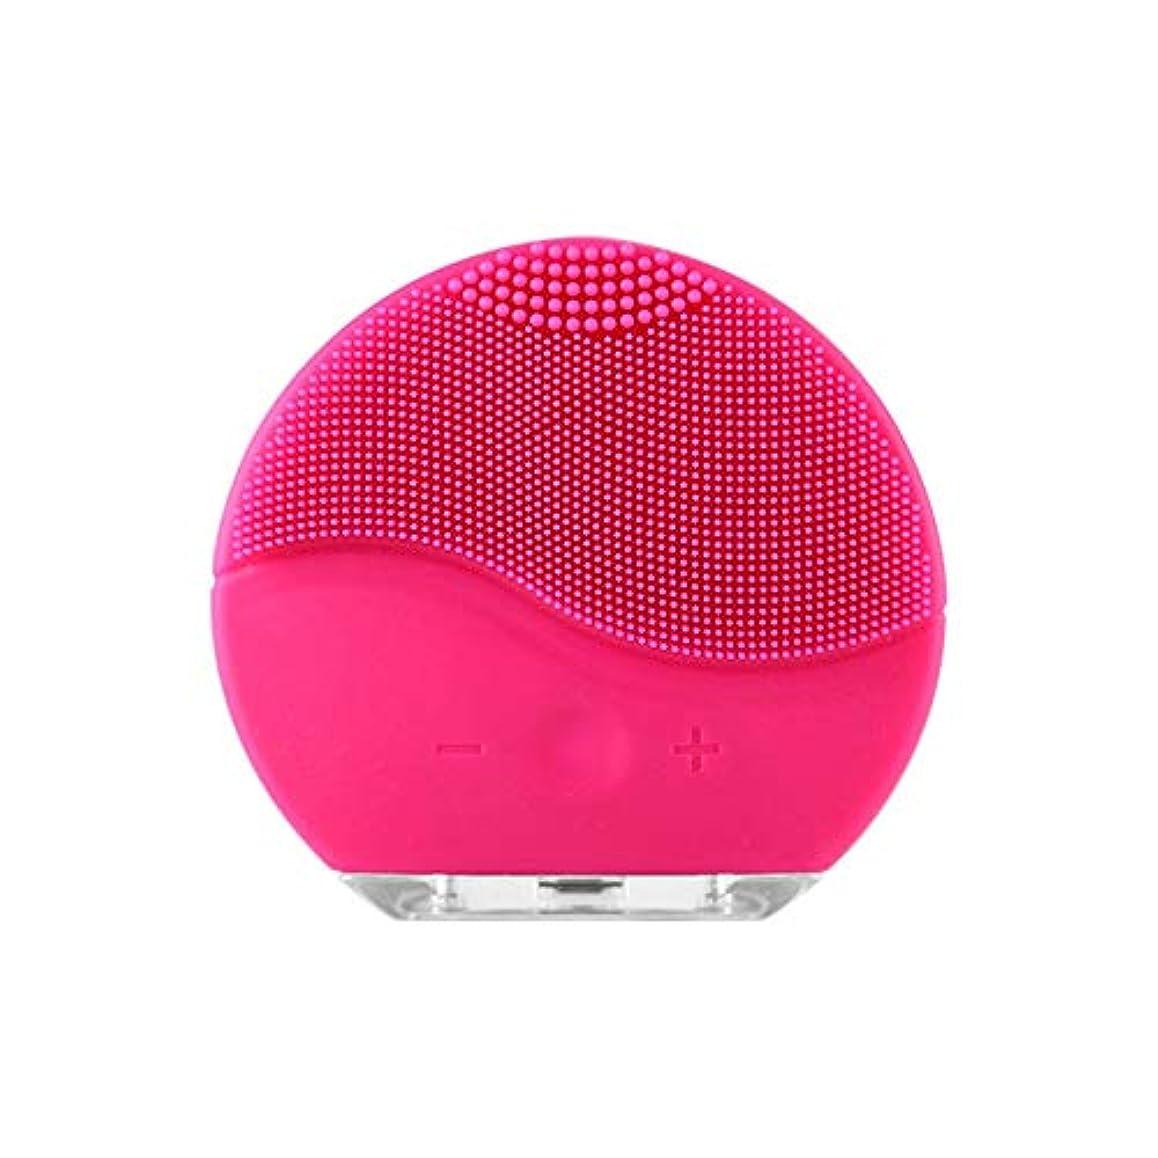 愛撫注釈省略ZXF 新しい家庭用電化製品洗浄器具USB充電シリコーン電気美容器具洗浄ブラシピンク赤 滑らかである (色 : Red)